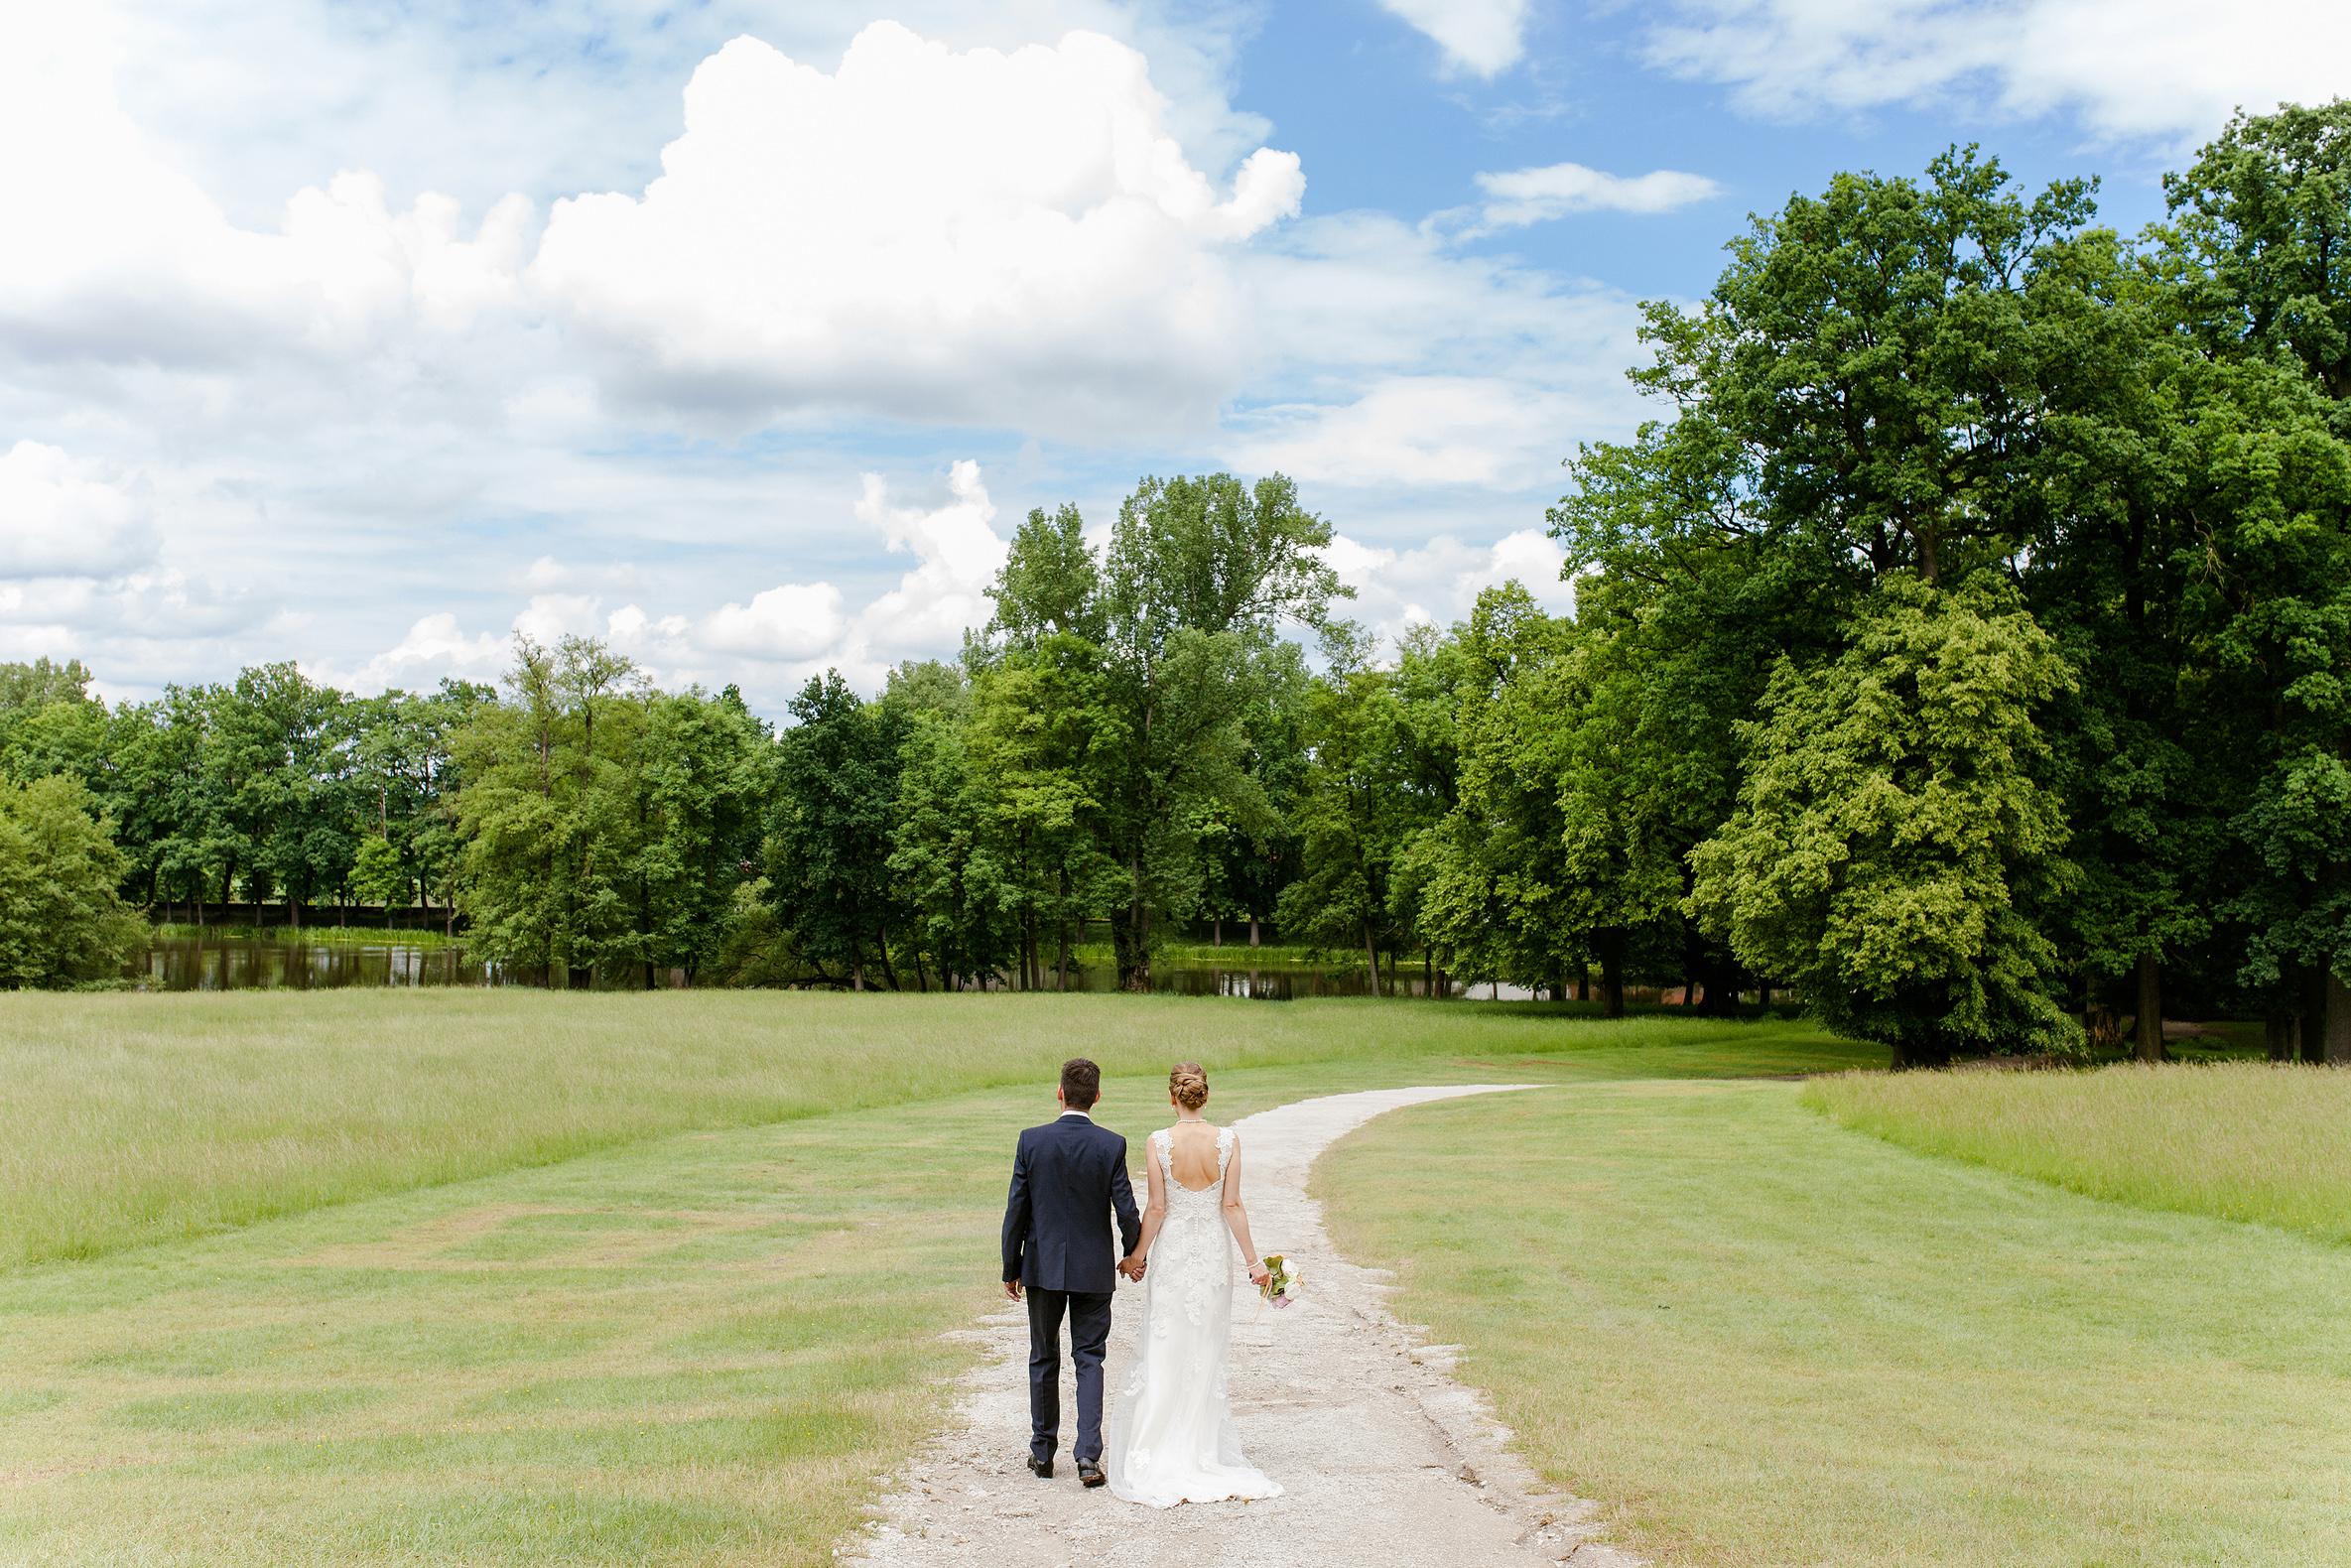 Hochzeit Bamberg, Daria Gleich Fotografie, Hochzeitsfotograf Bamberg